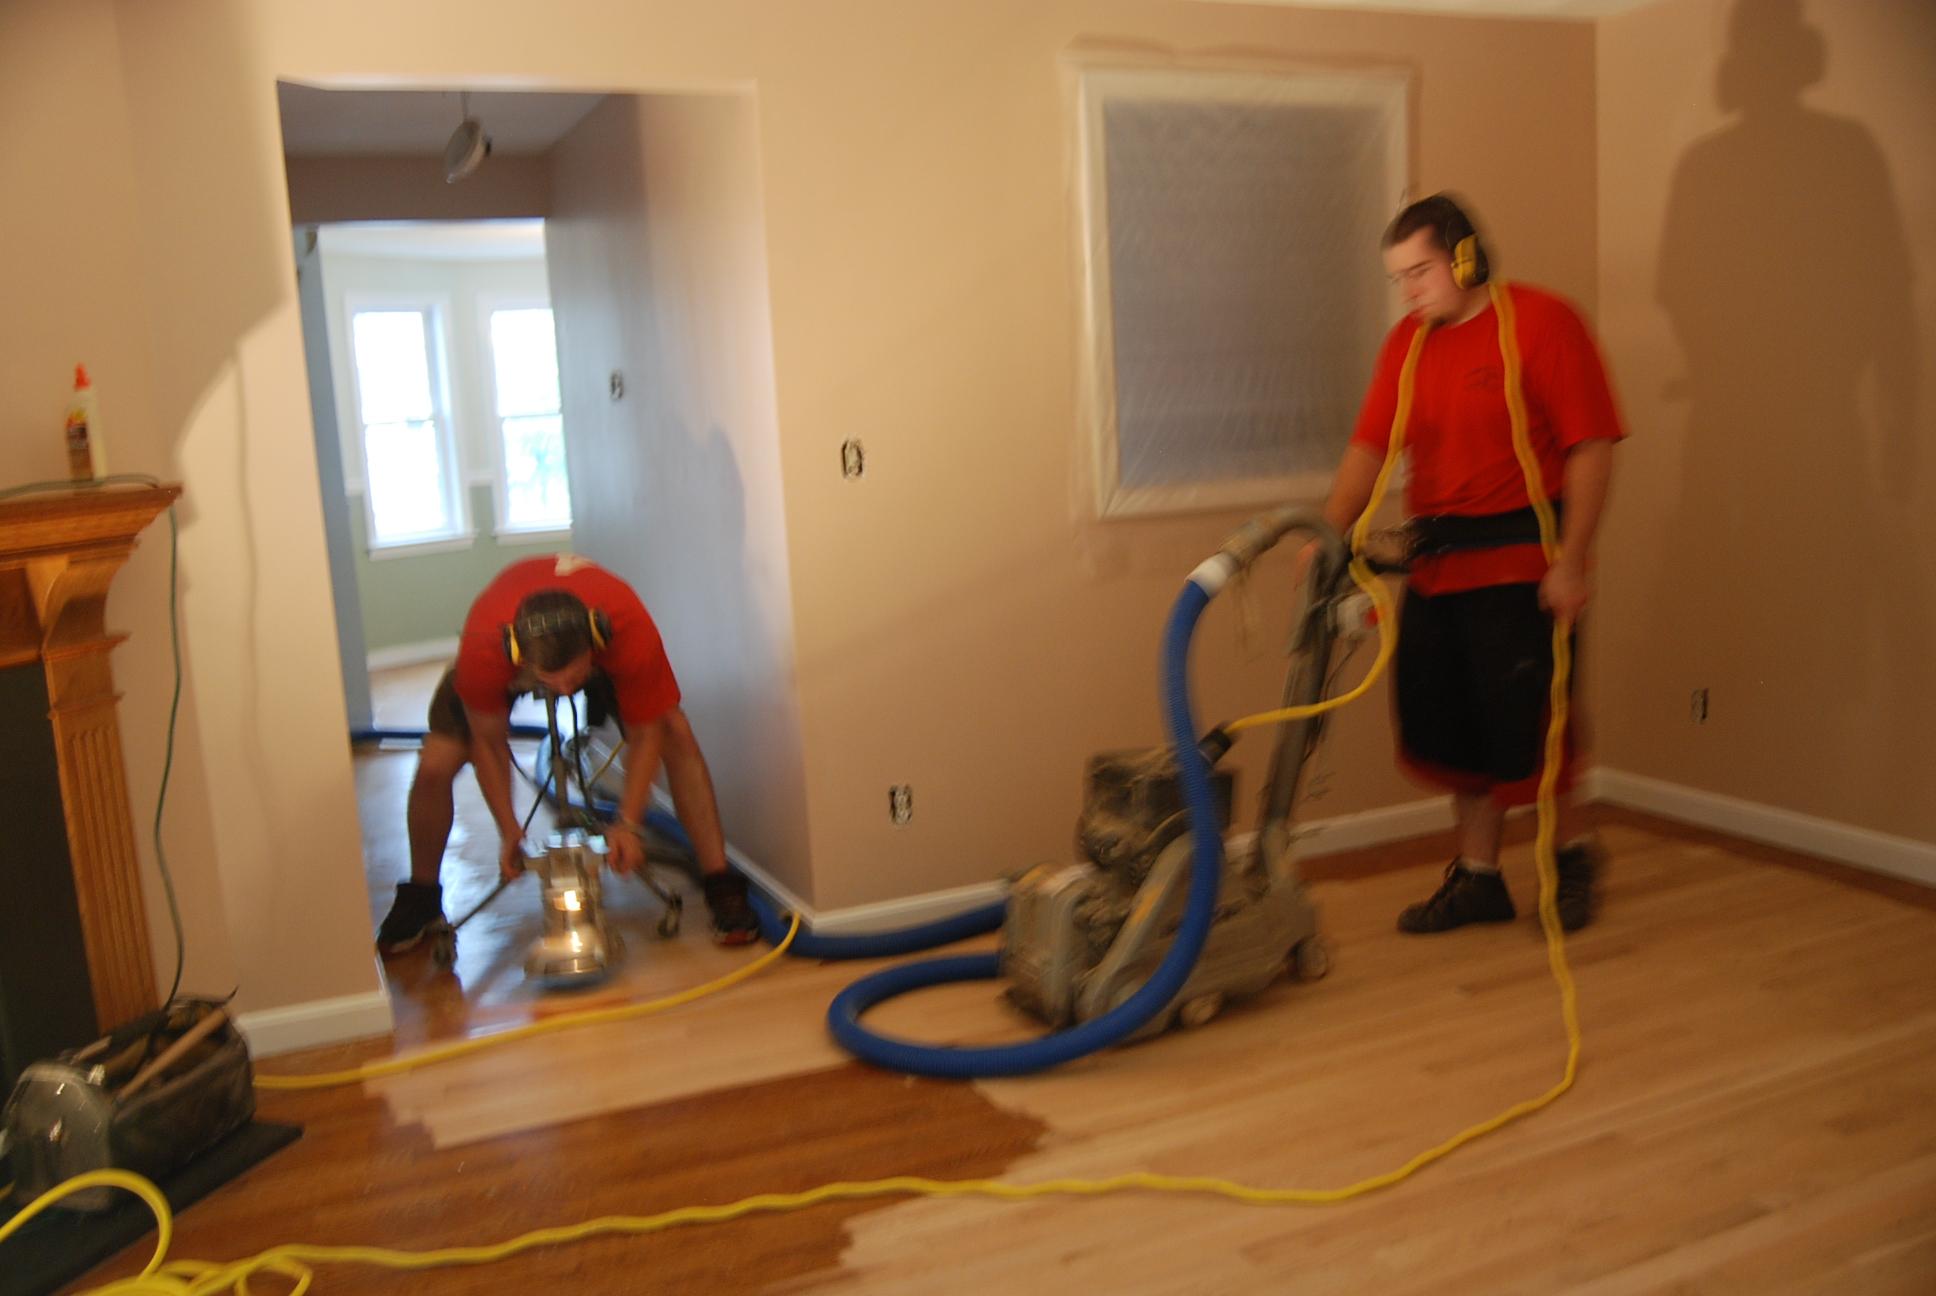 Dustless Floor Sanding Nh Dust Less Floor Sanding In Nh